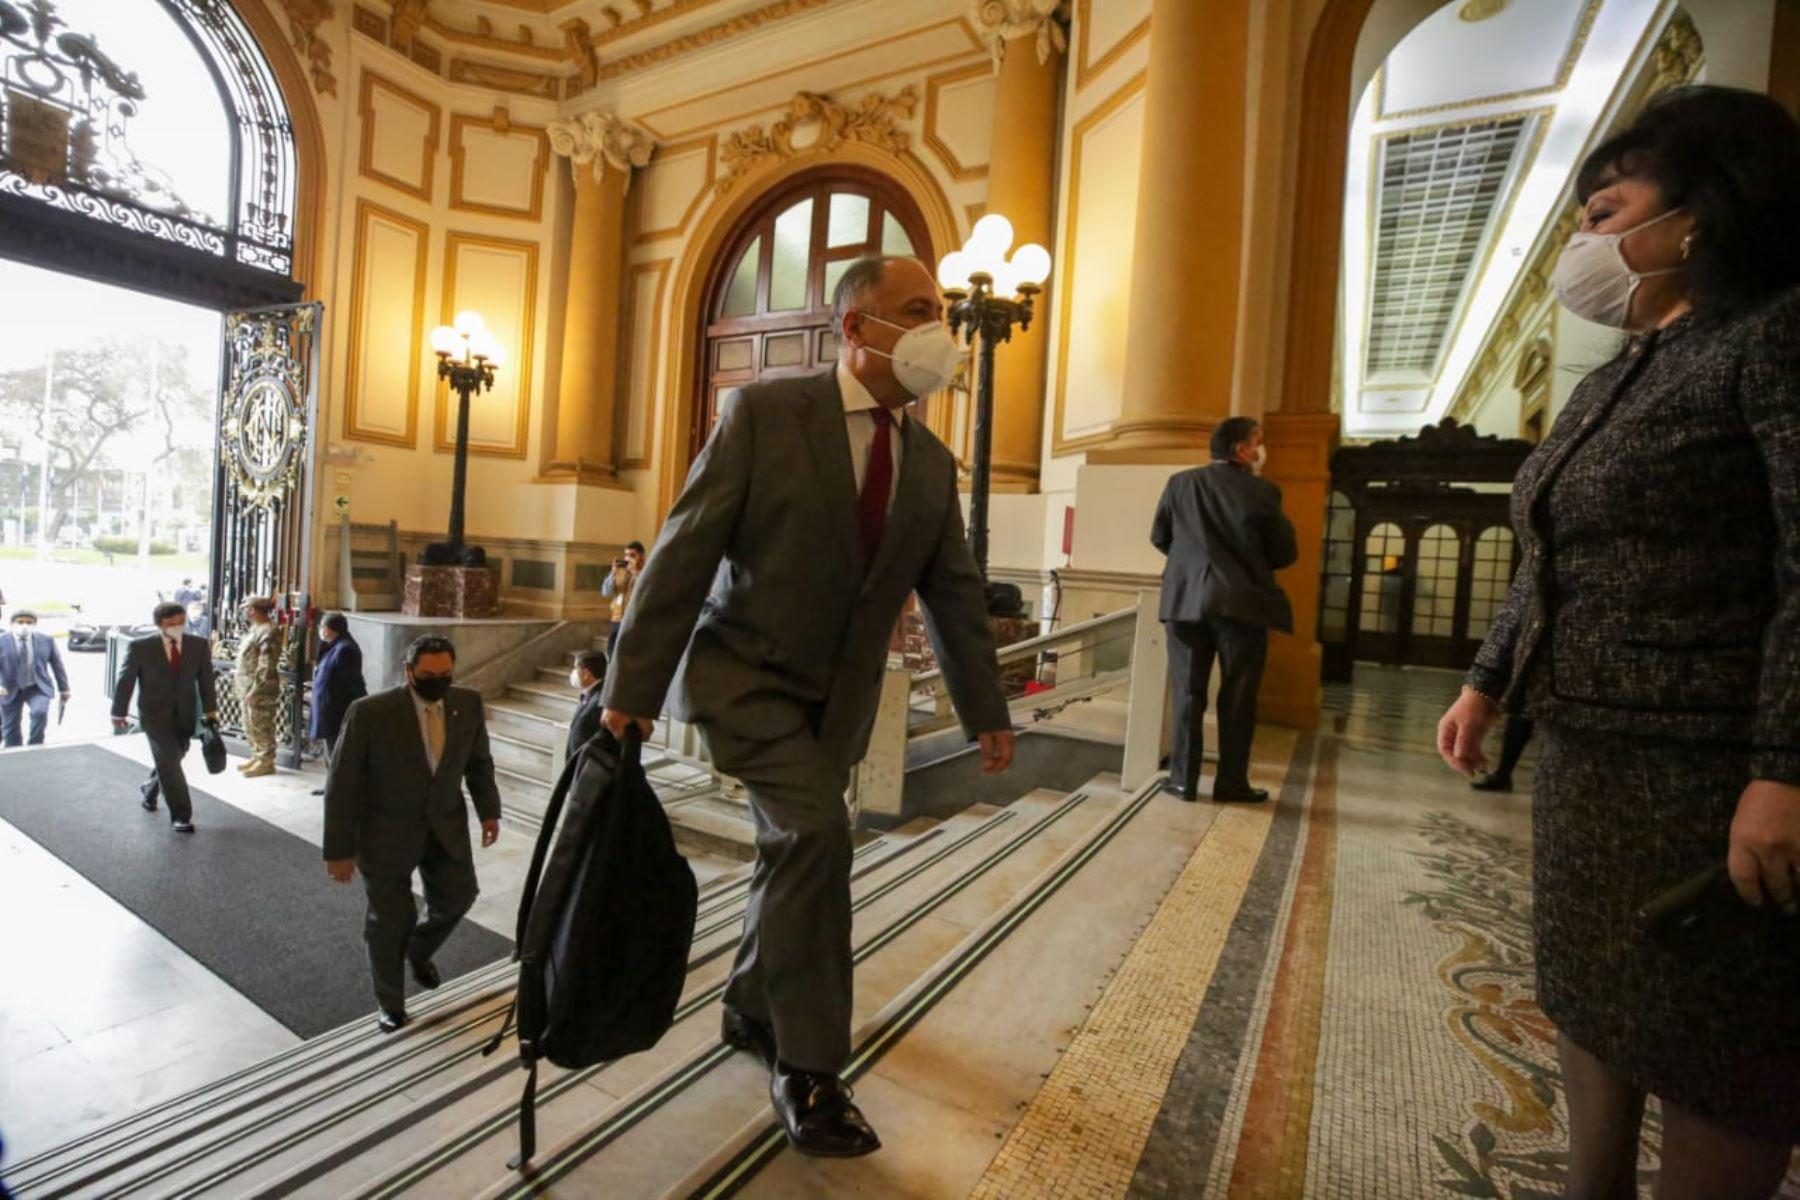 Ministro de Trabajo y Promoción de Empleo, Javier Palacios Gallegos, llega a sede del Congreso junto al gabinete ministerial para solicitar el voto de confianza. Foto: ANDINA/PCM